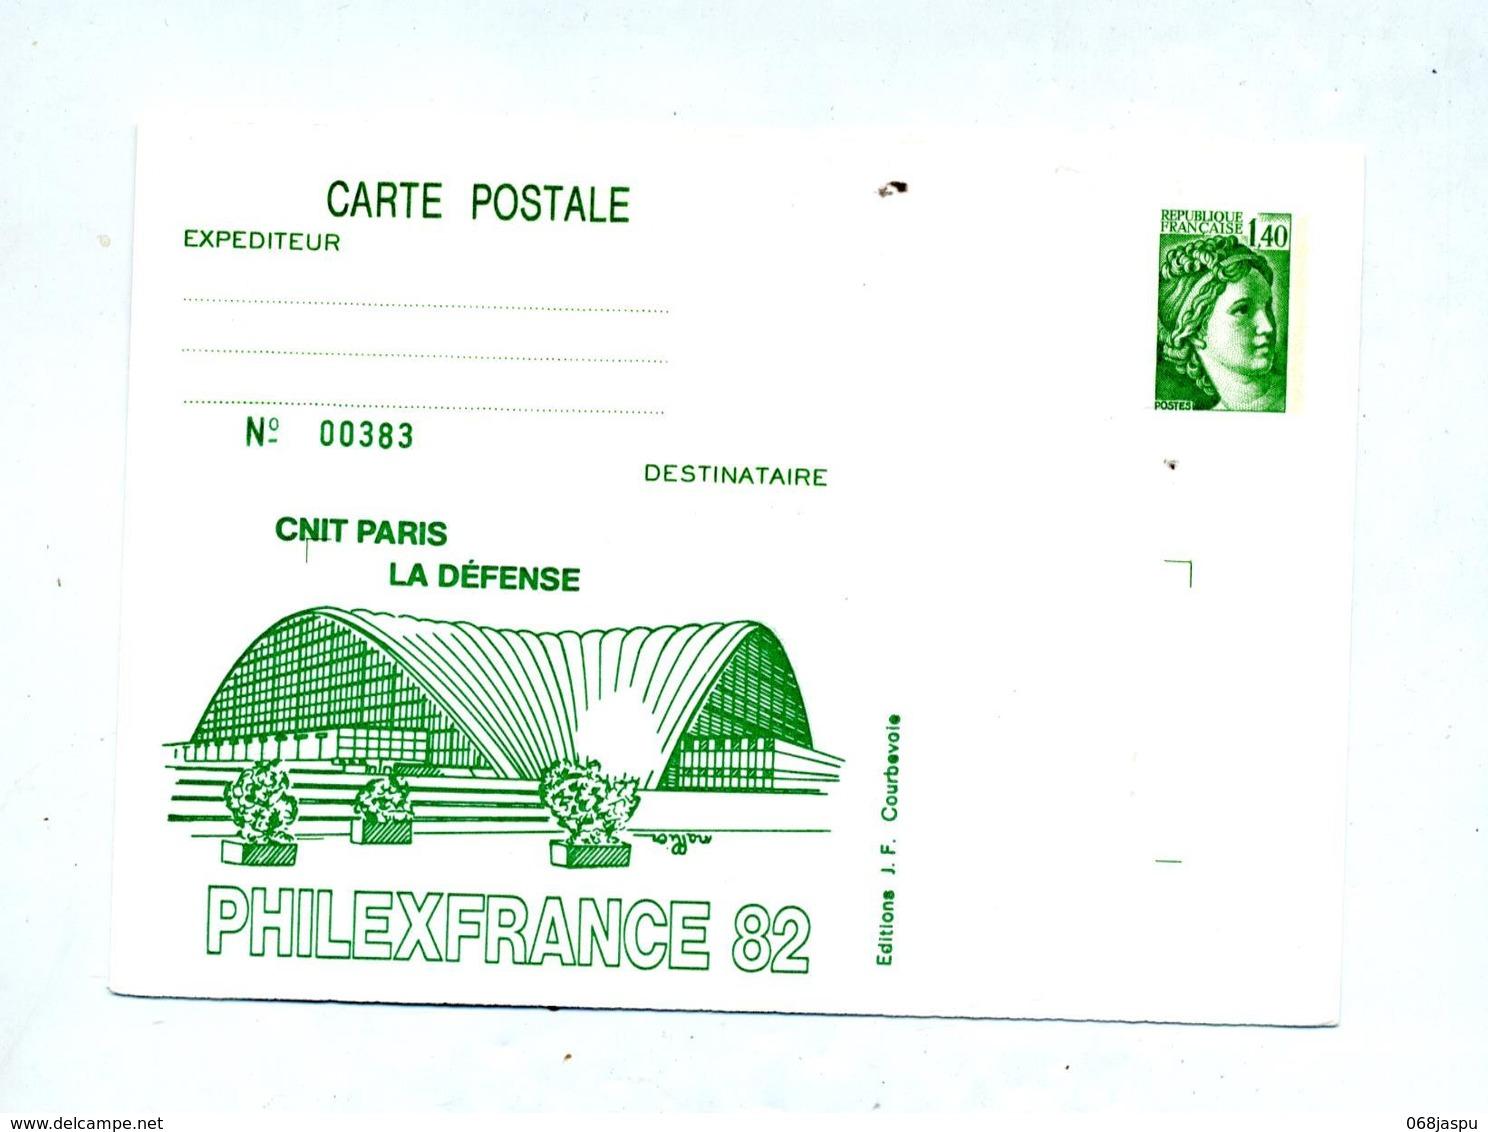 Carte Postale 1.40 Sabine Illustré Cnit - Entiers Postaux